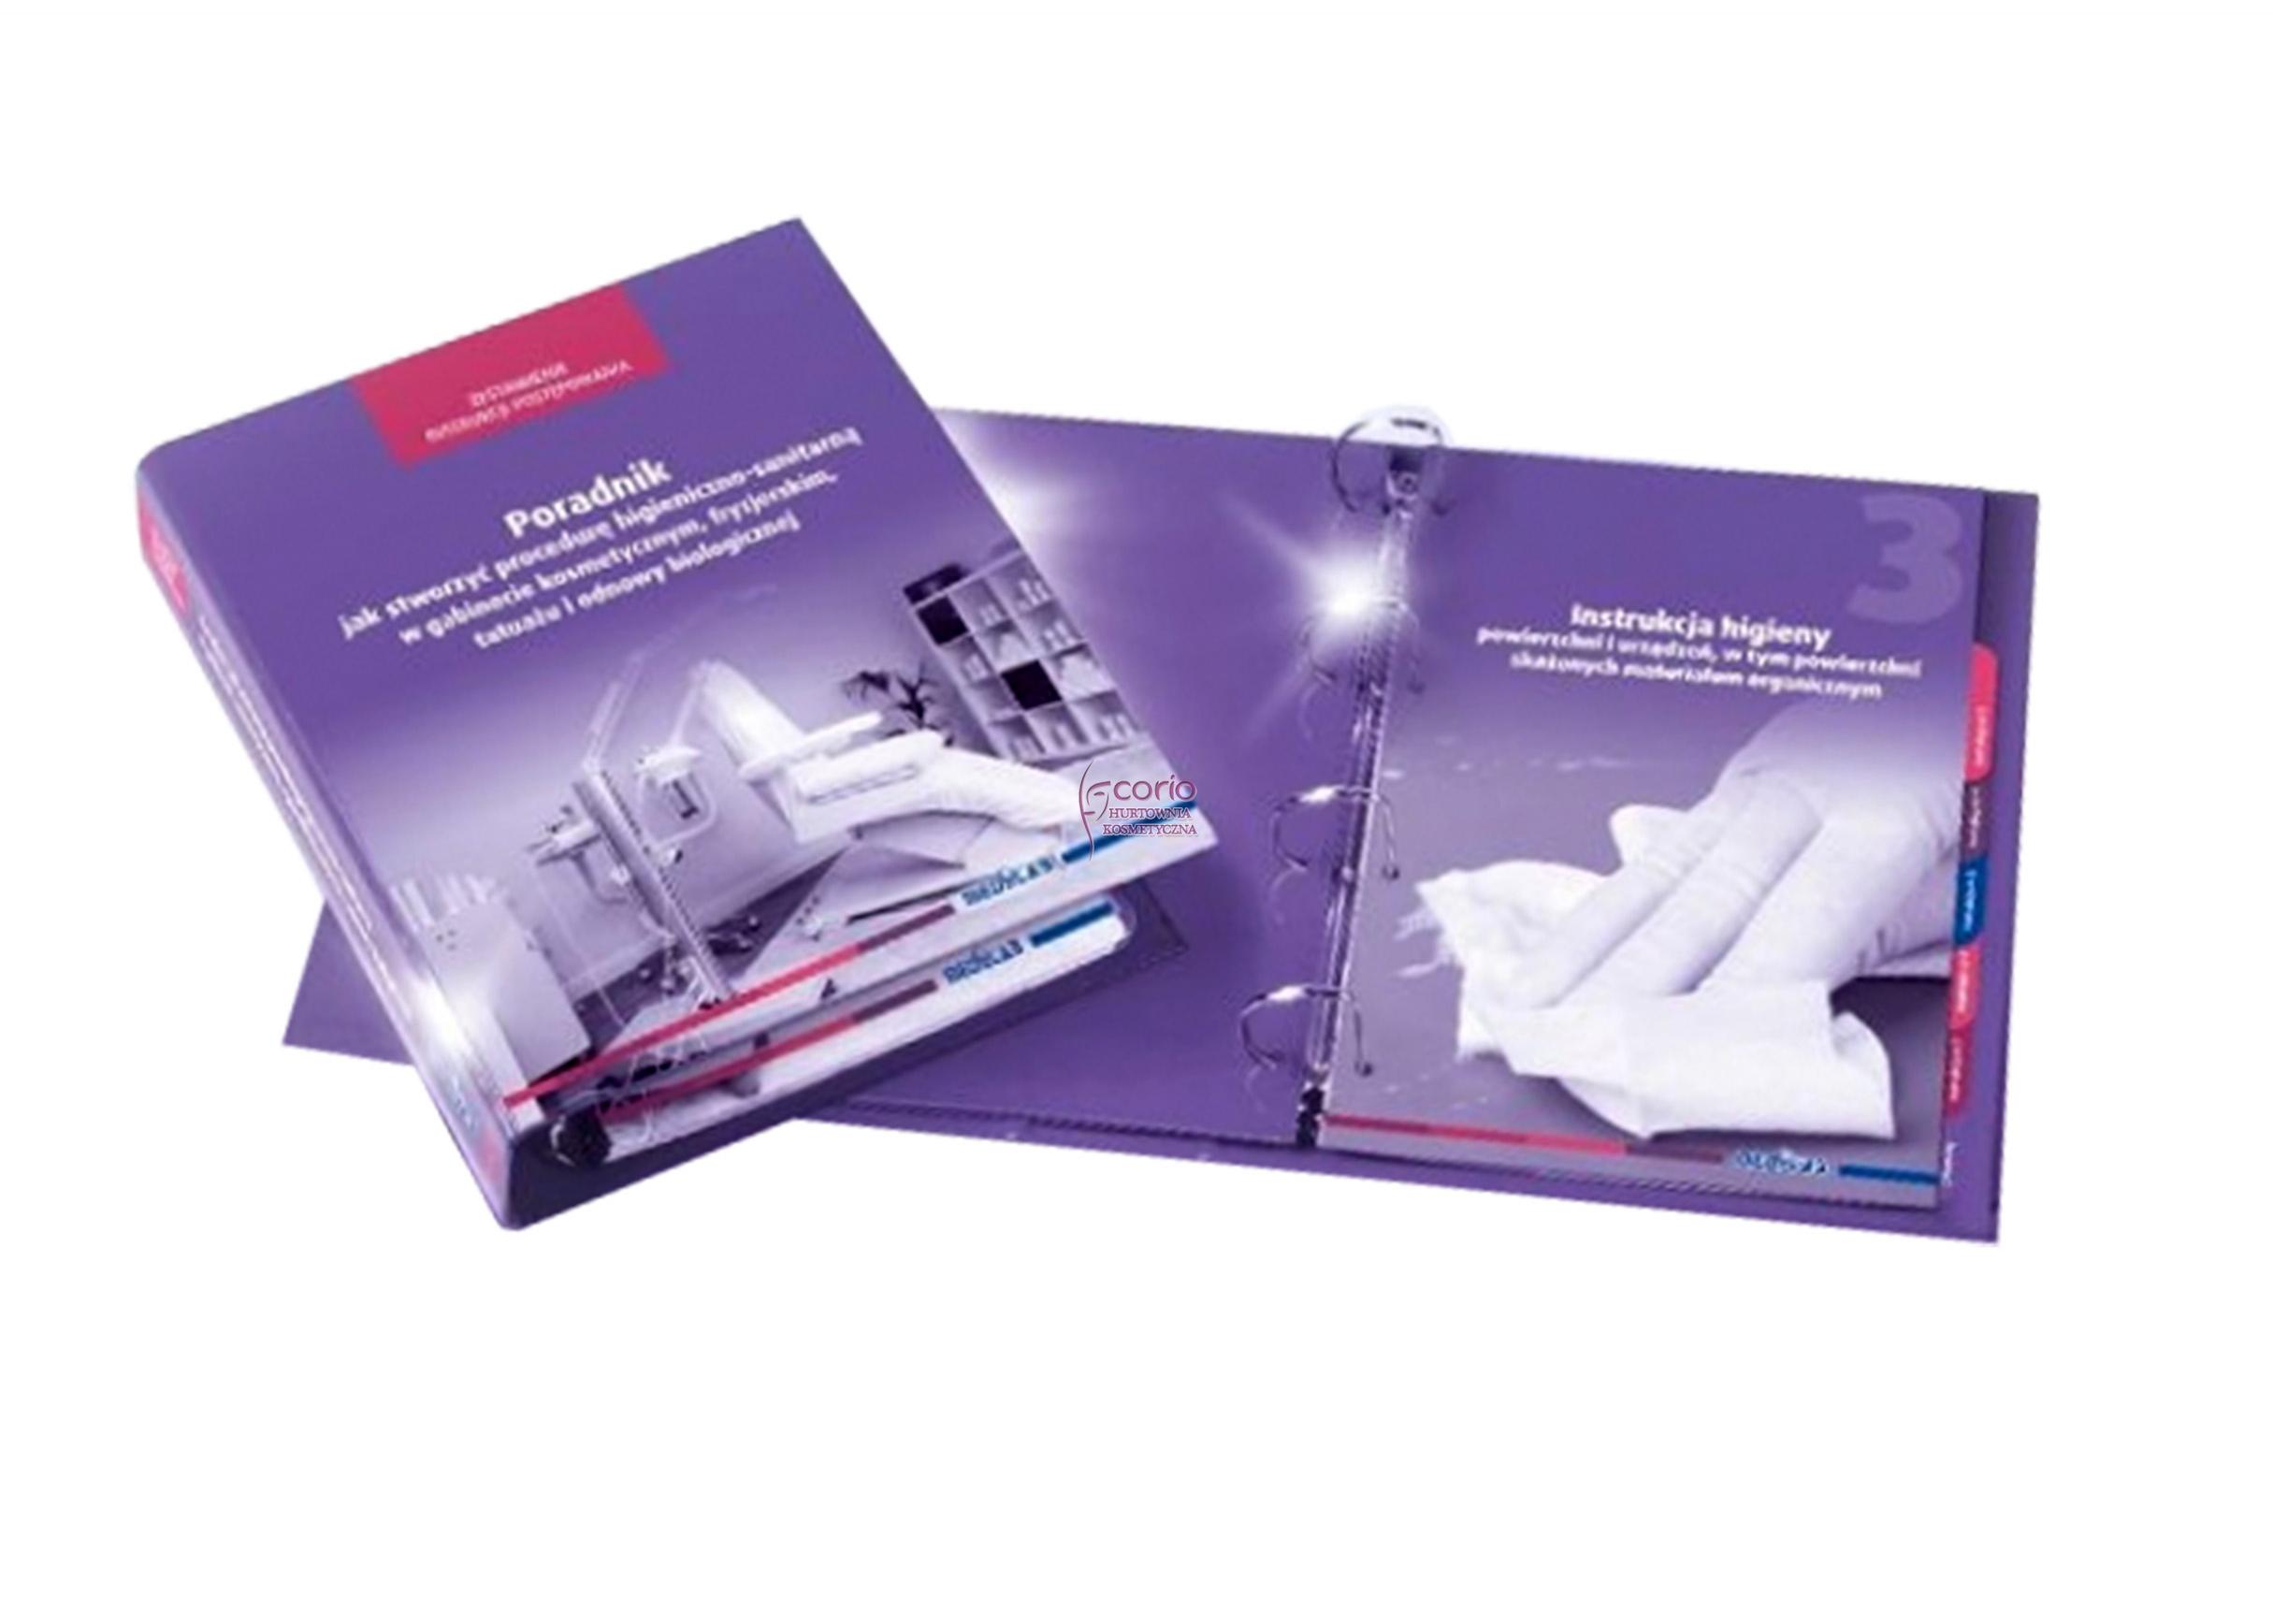 Medilab Procedury Higieniczno Sanitarne W Gabinecie Kosmetycznym